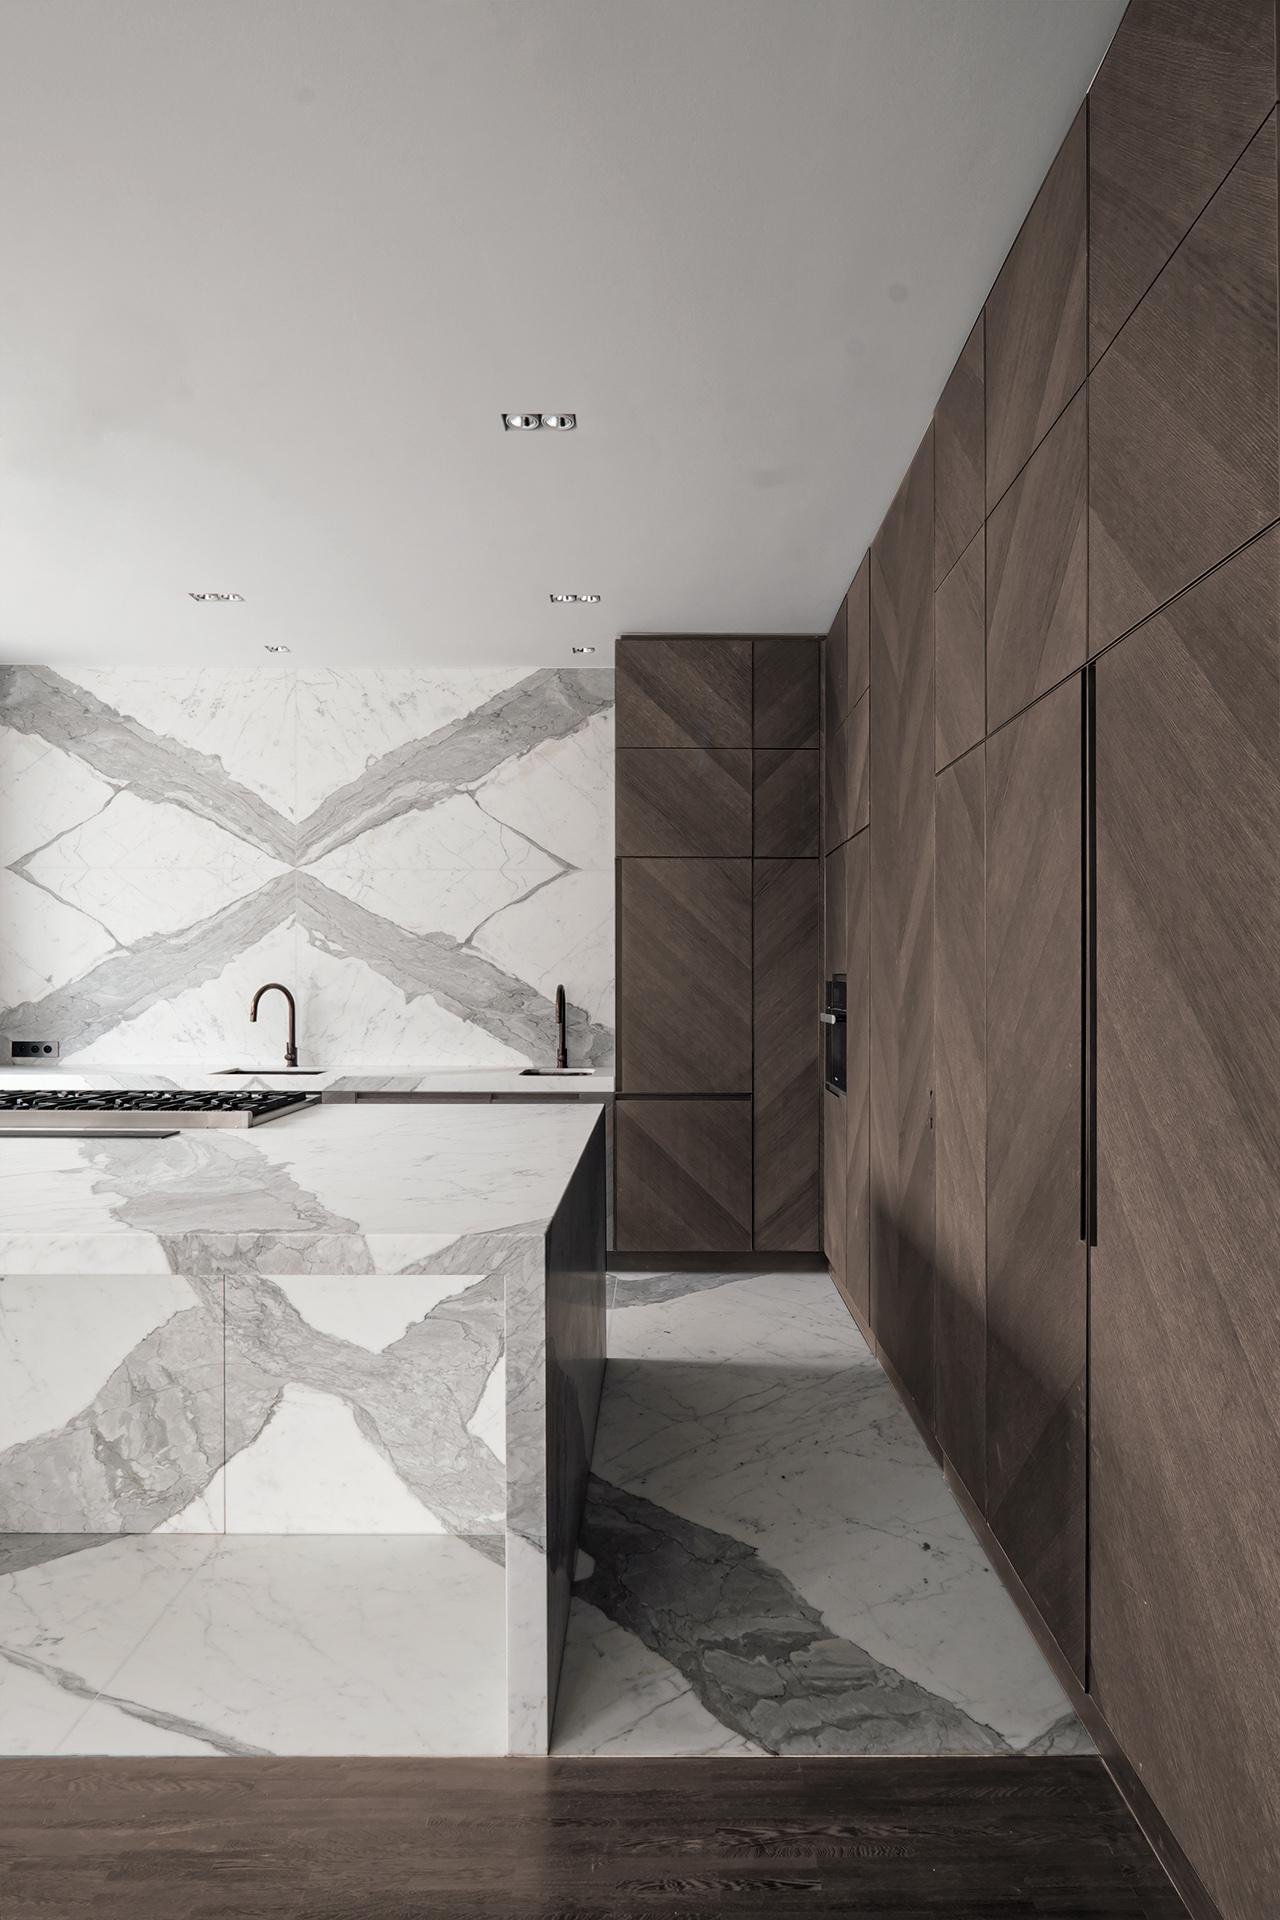 Marmor_Radermacher_Cuisine_Kueche_Statuario_weißer_Marmorkueche_marbre_blanc_white_marble_kitchen_29